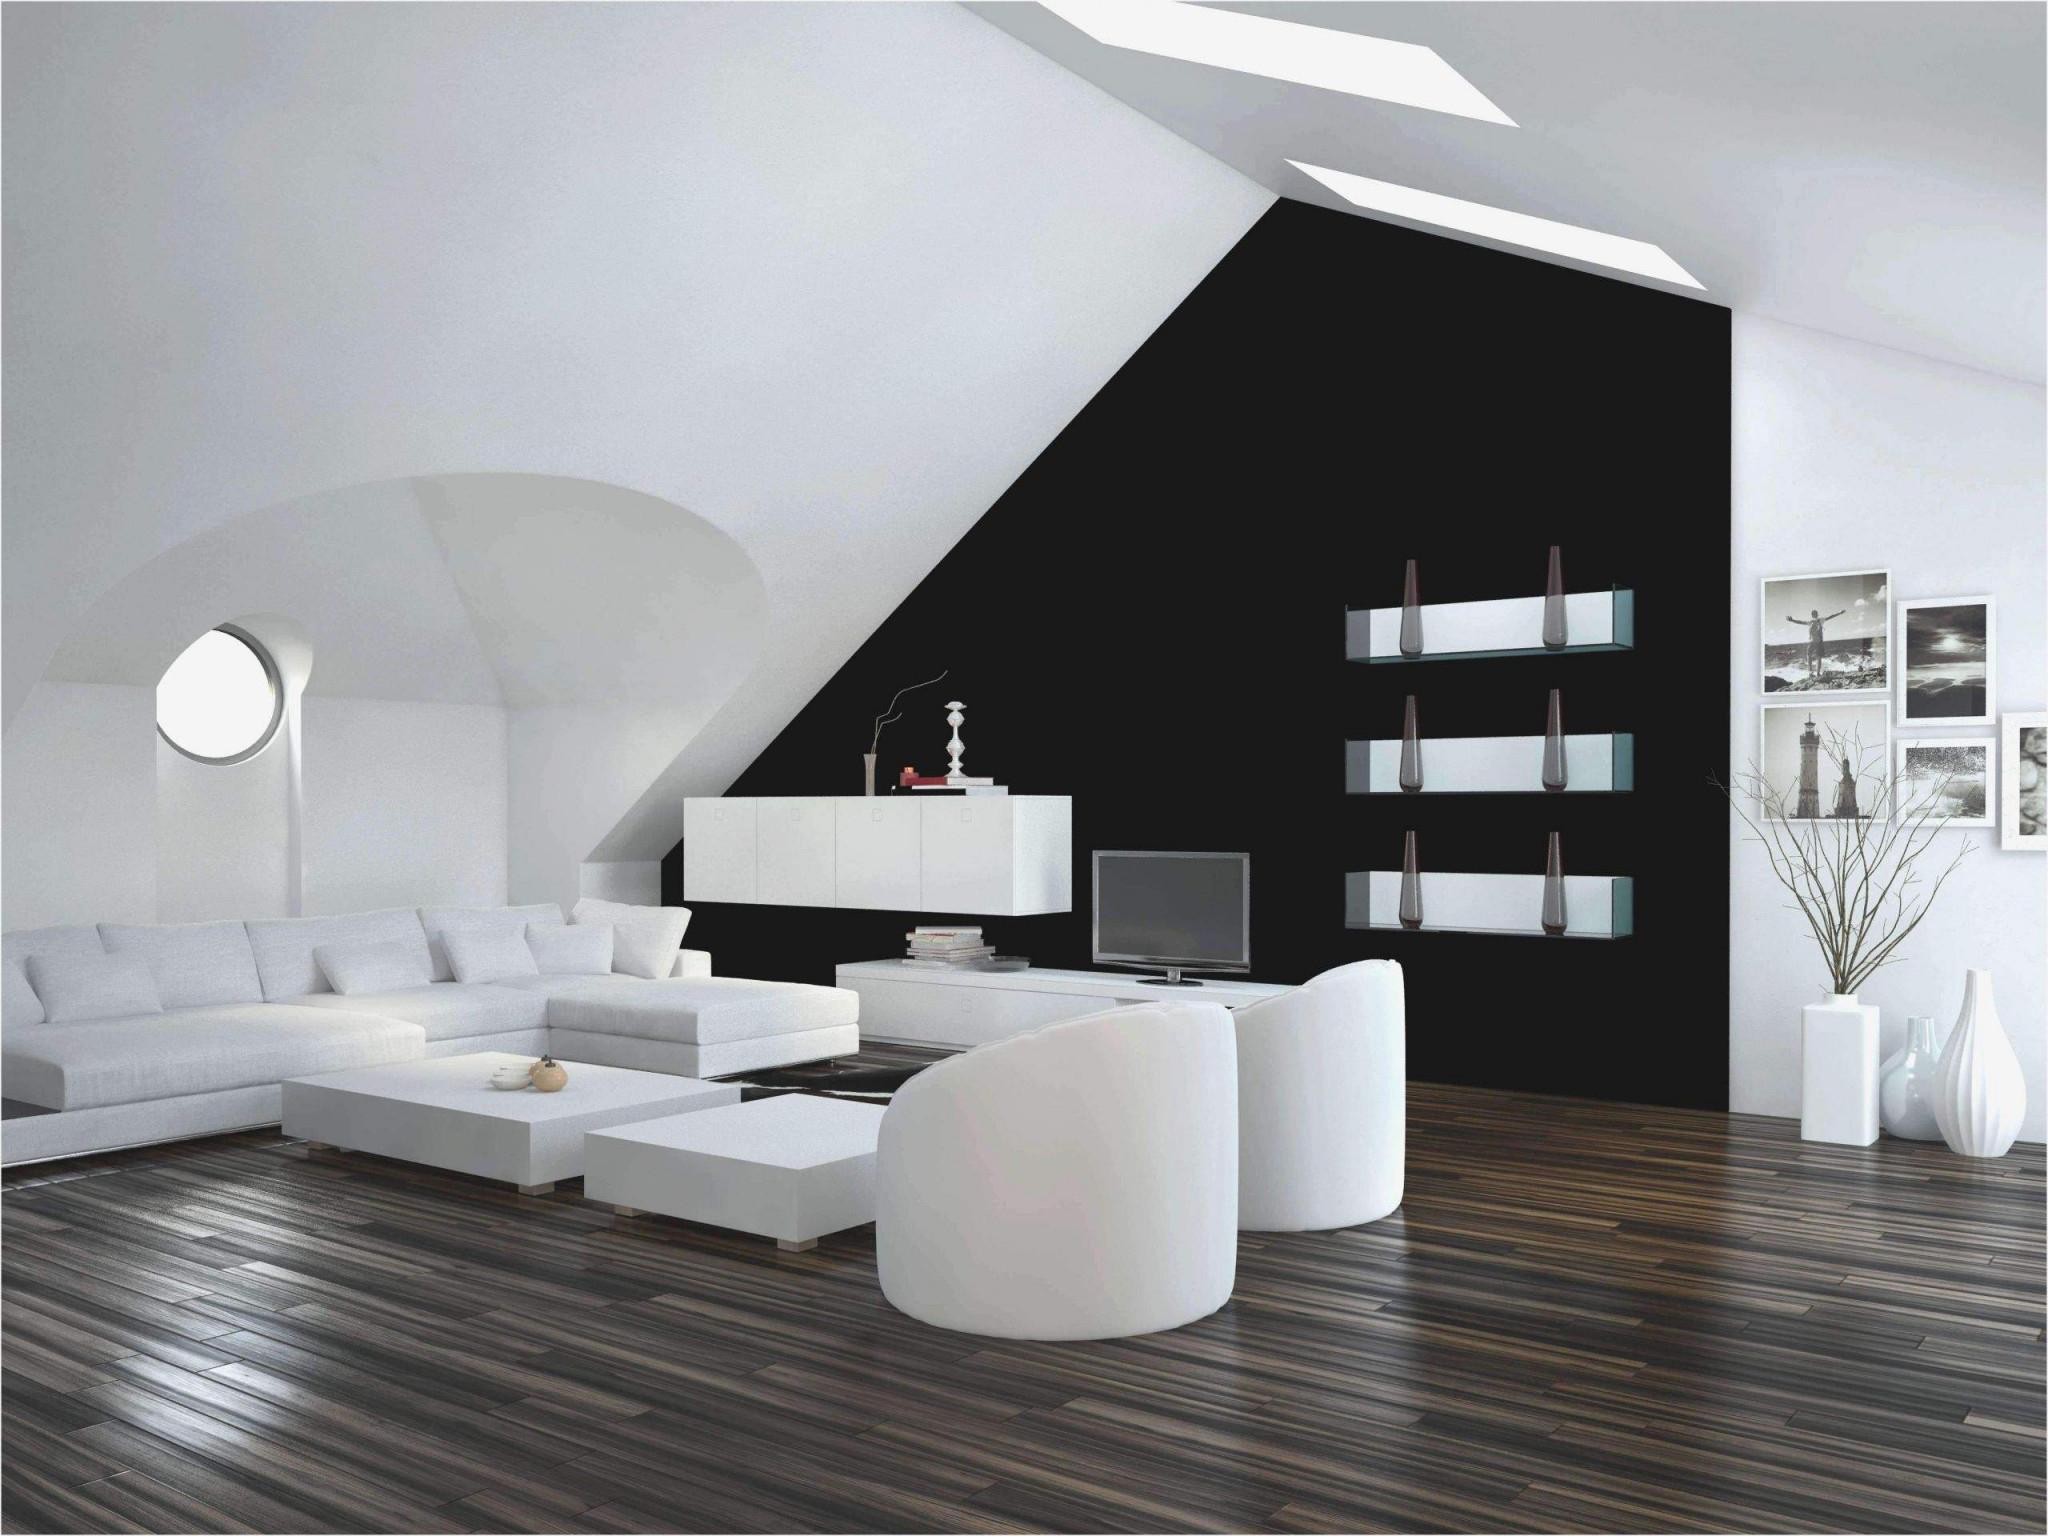 Wohnzimmer Deko Online Shop Luxus Wohnzimmer Deko Ideen Rot von Deko Rot Wohnzimmer Bild